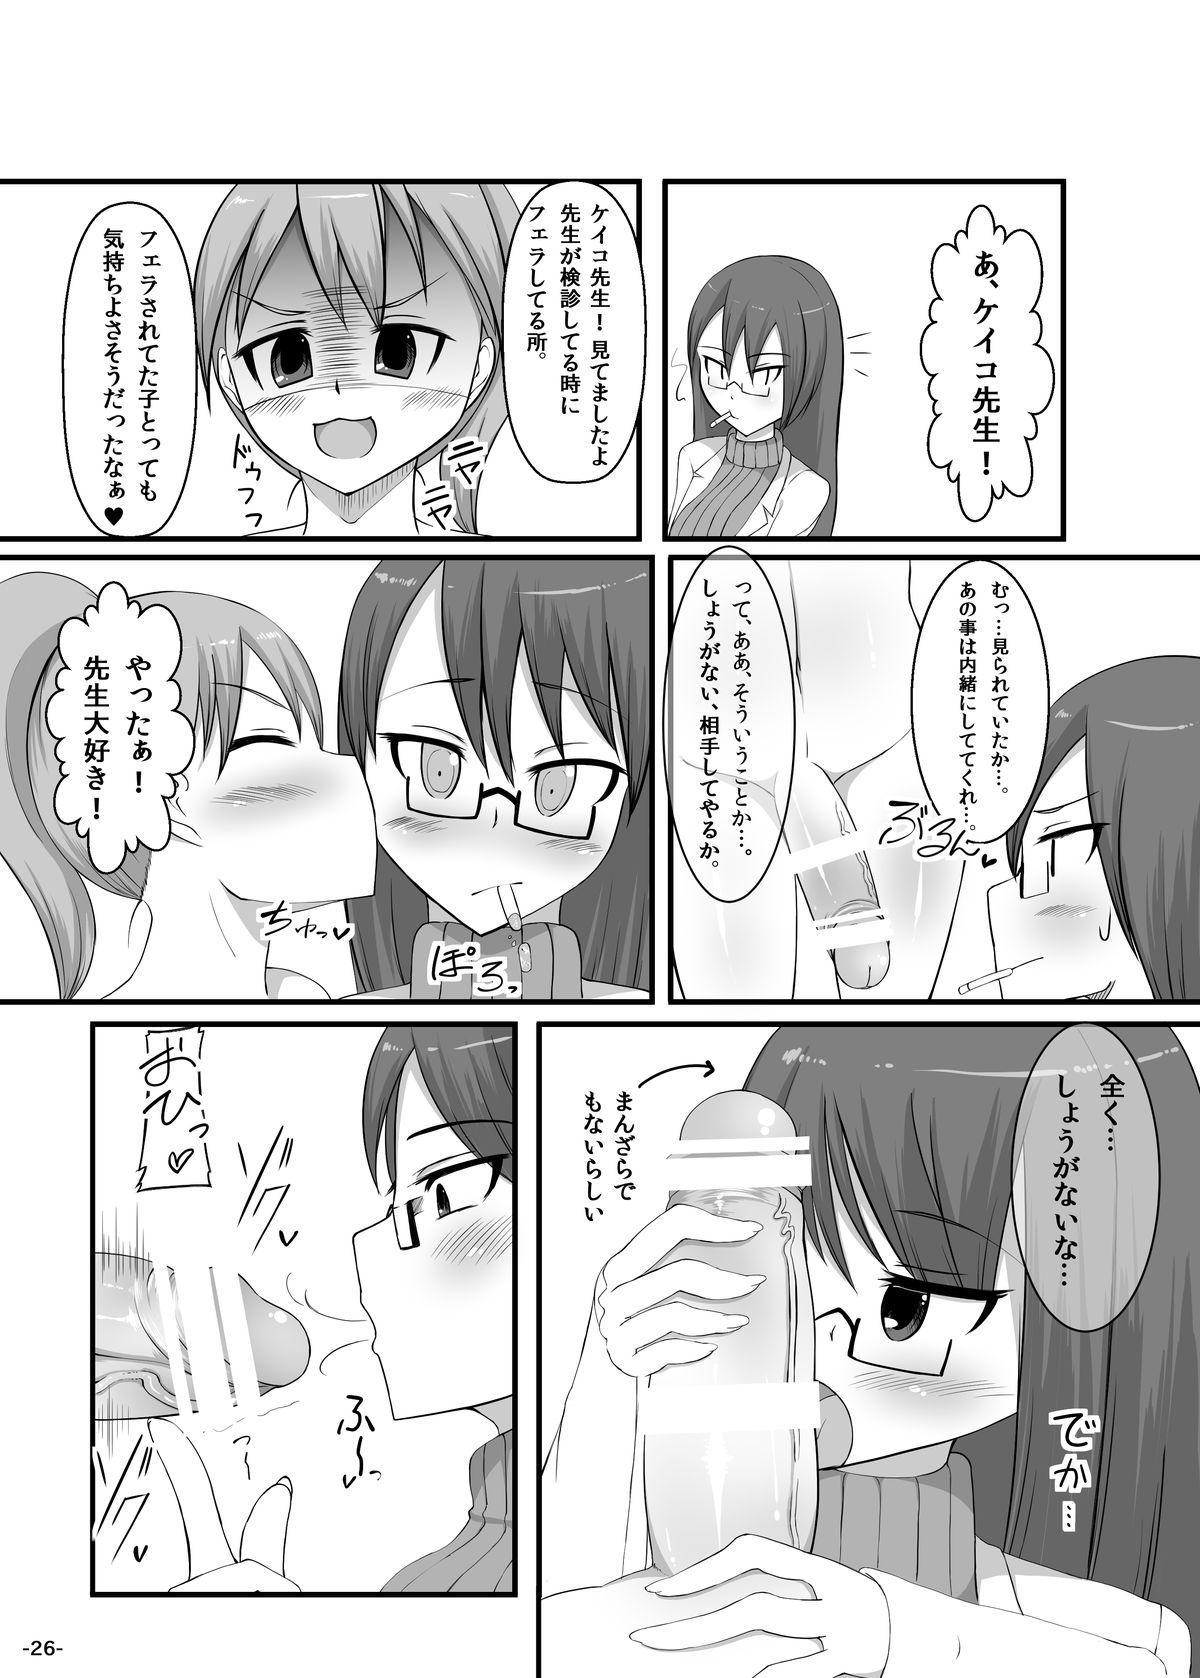 Futa Yuri 24